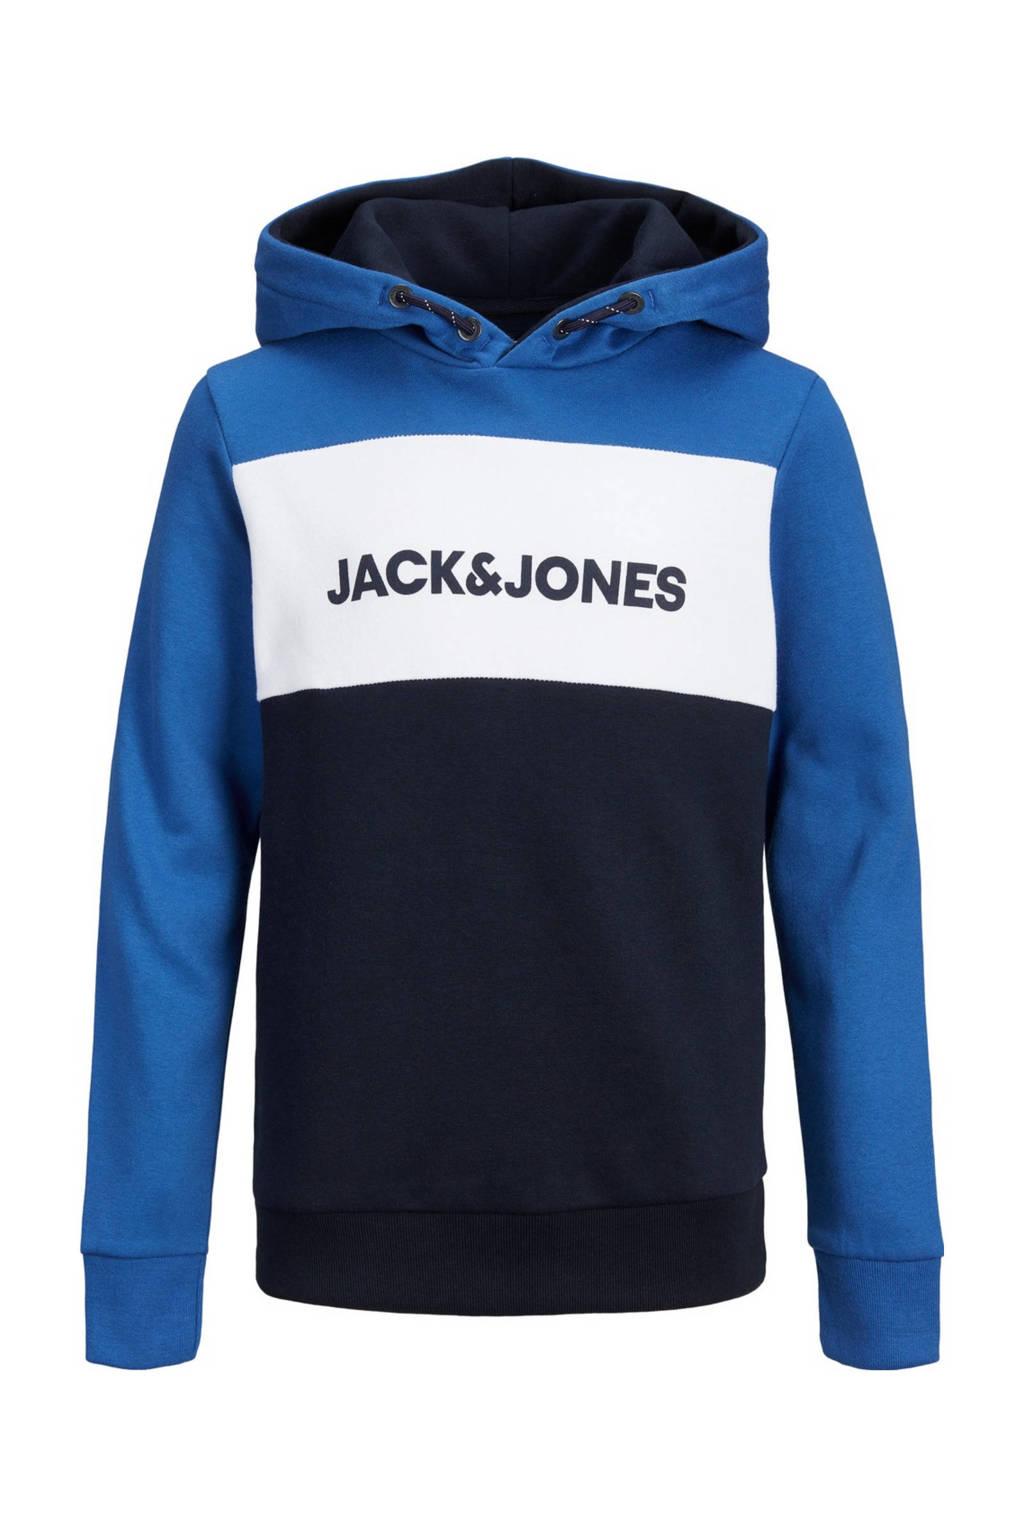 JACK & JONES JUNIOR hoodie Logo met logo blauw/donkerblauw/wit, Blauw/donkerblauw/wit